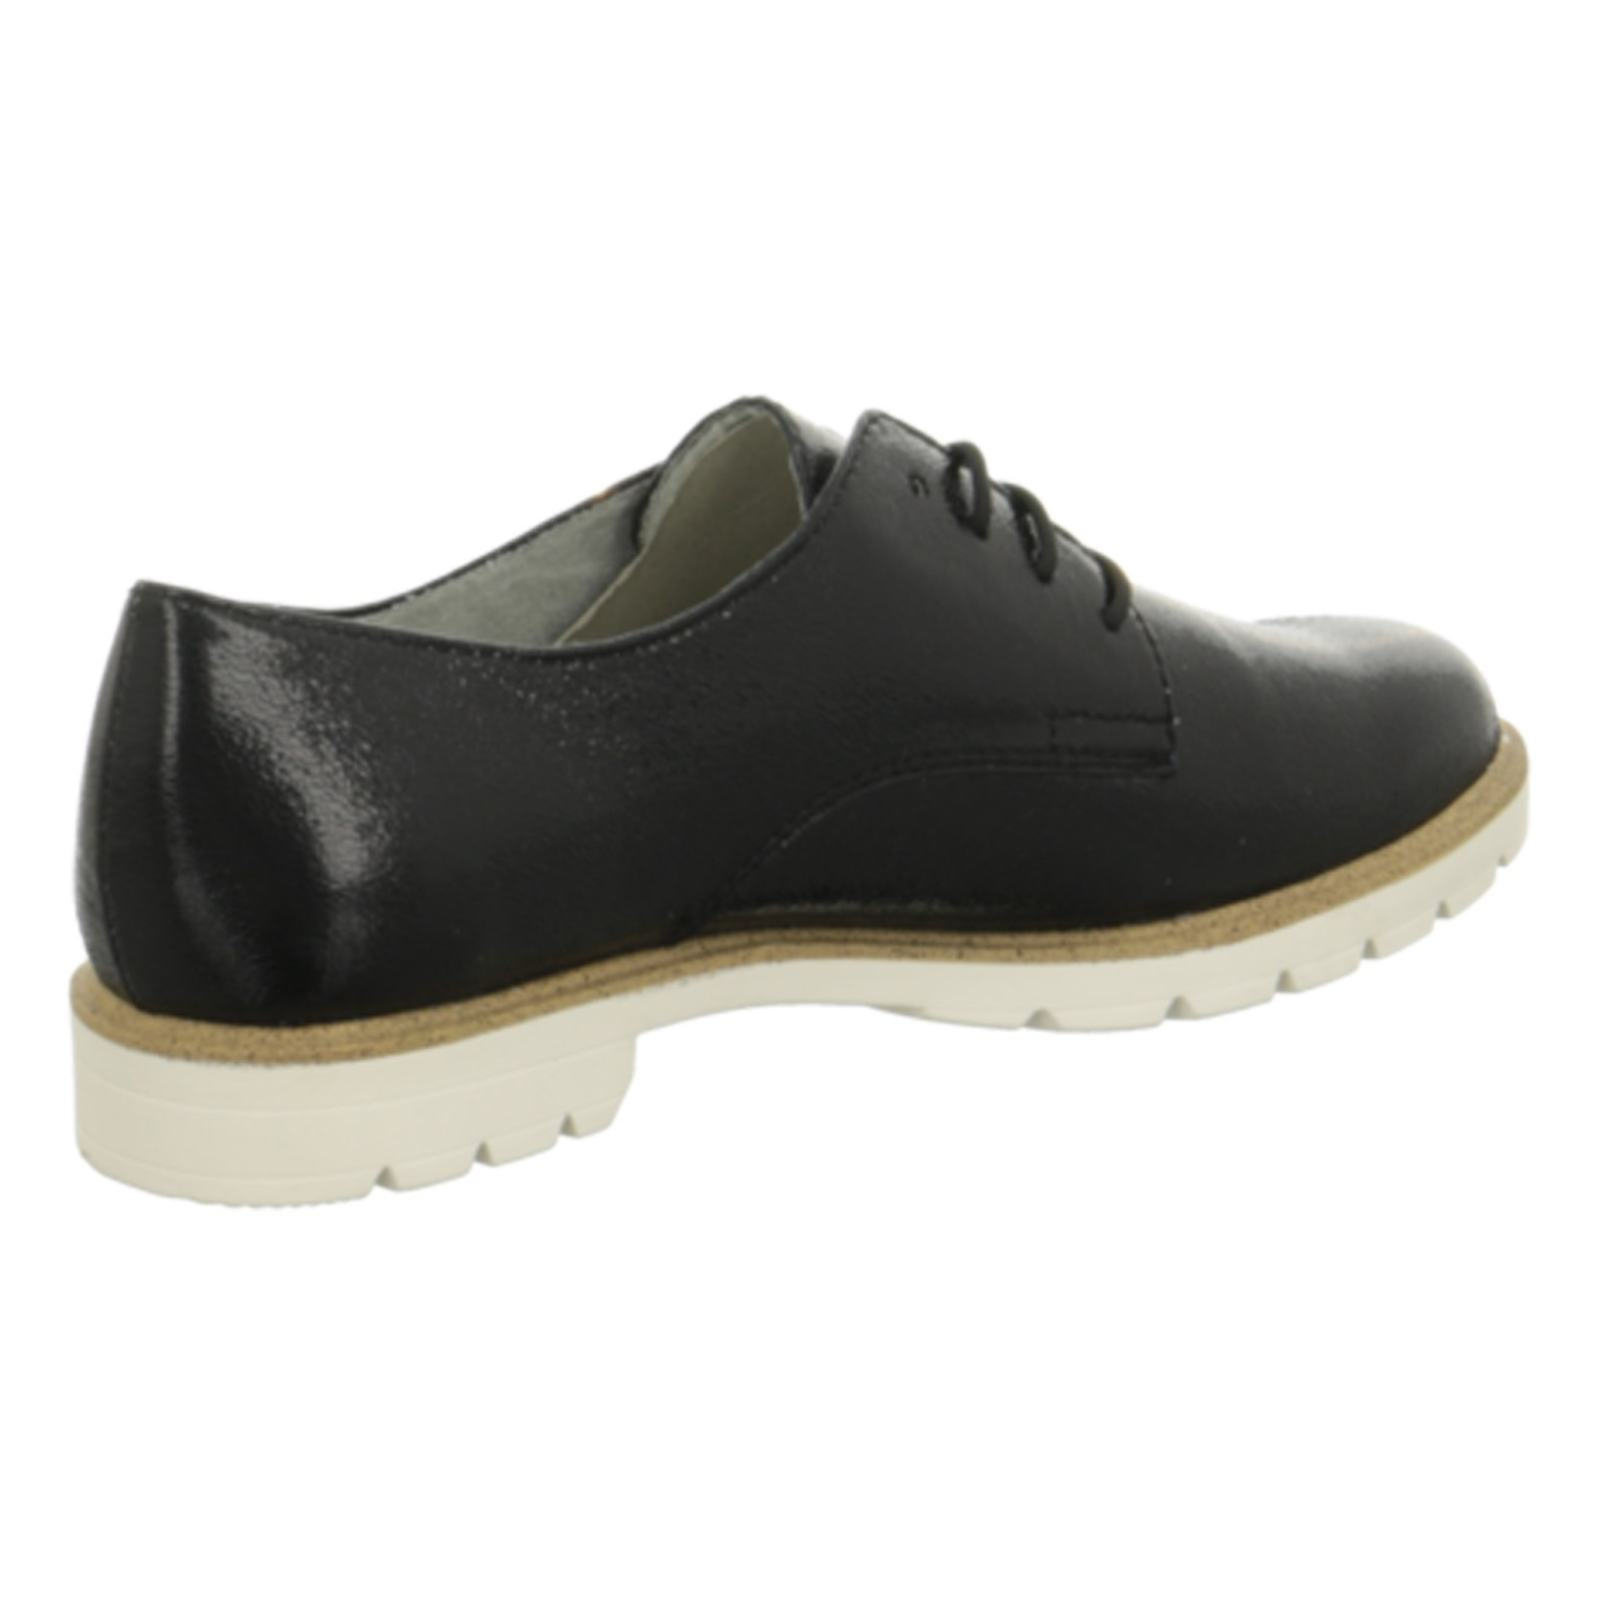 کفش تخت زنانه - تاماریس - مشکي - 5